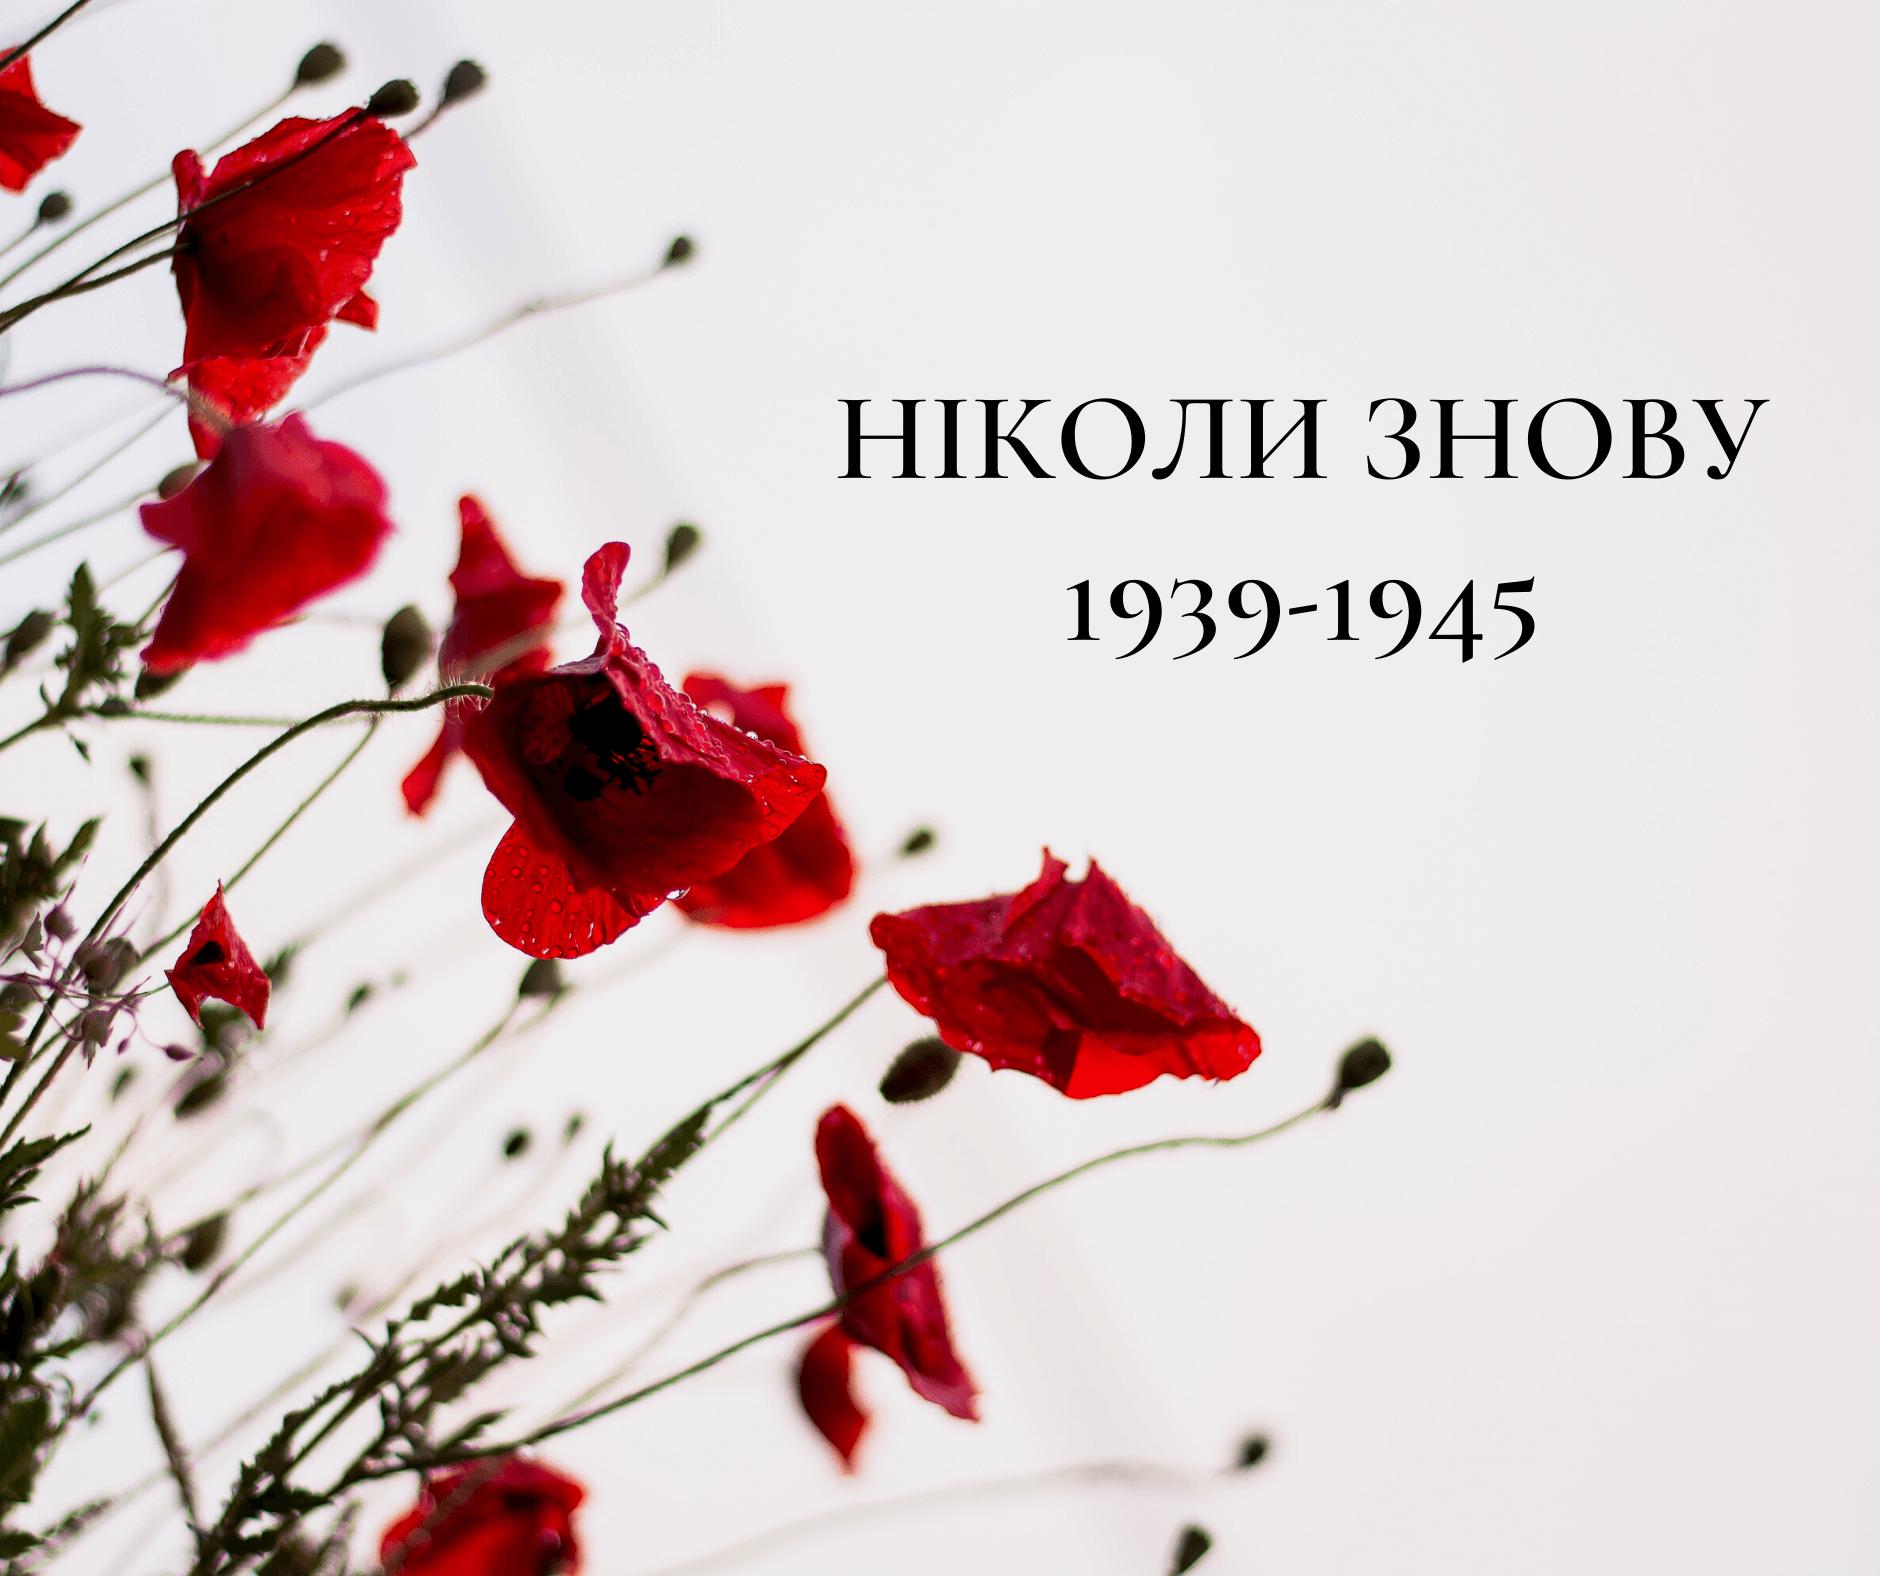 8-9 травня – Дні пам'яті та примирення